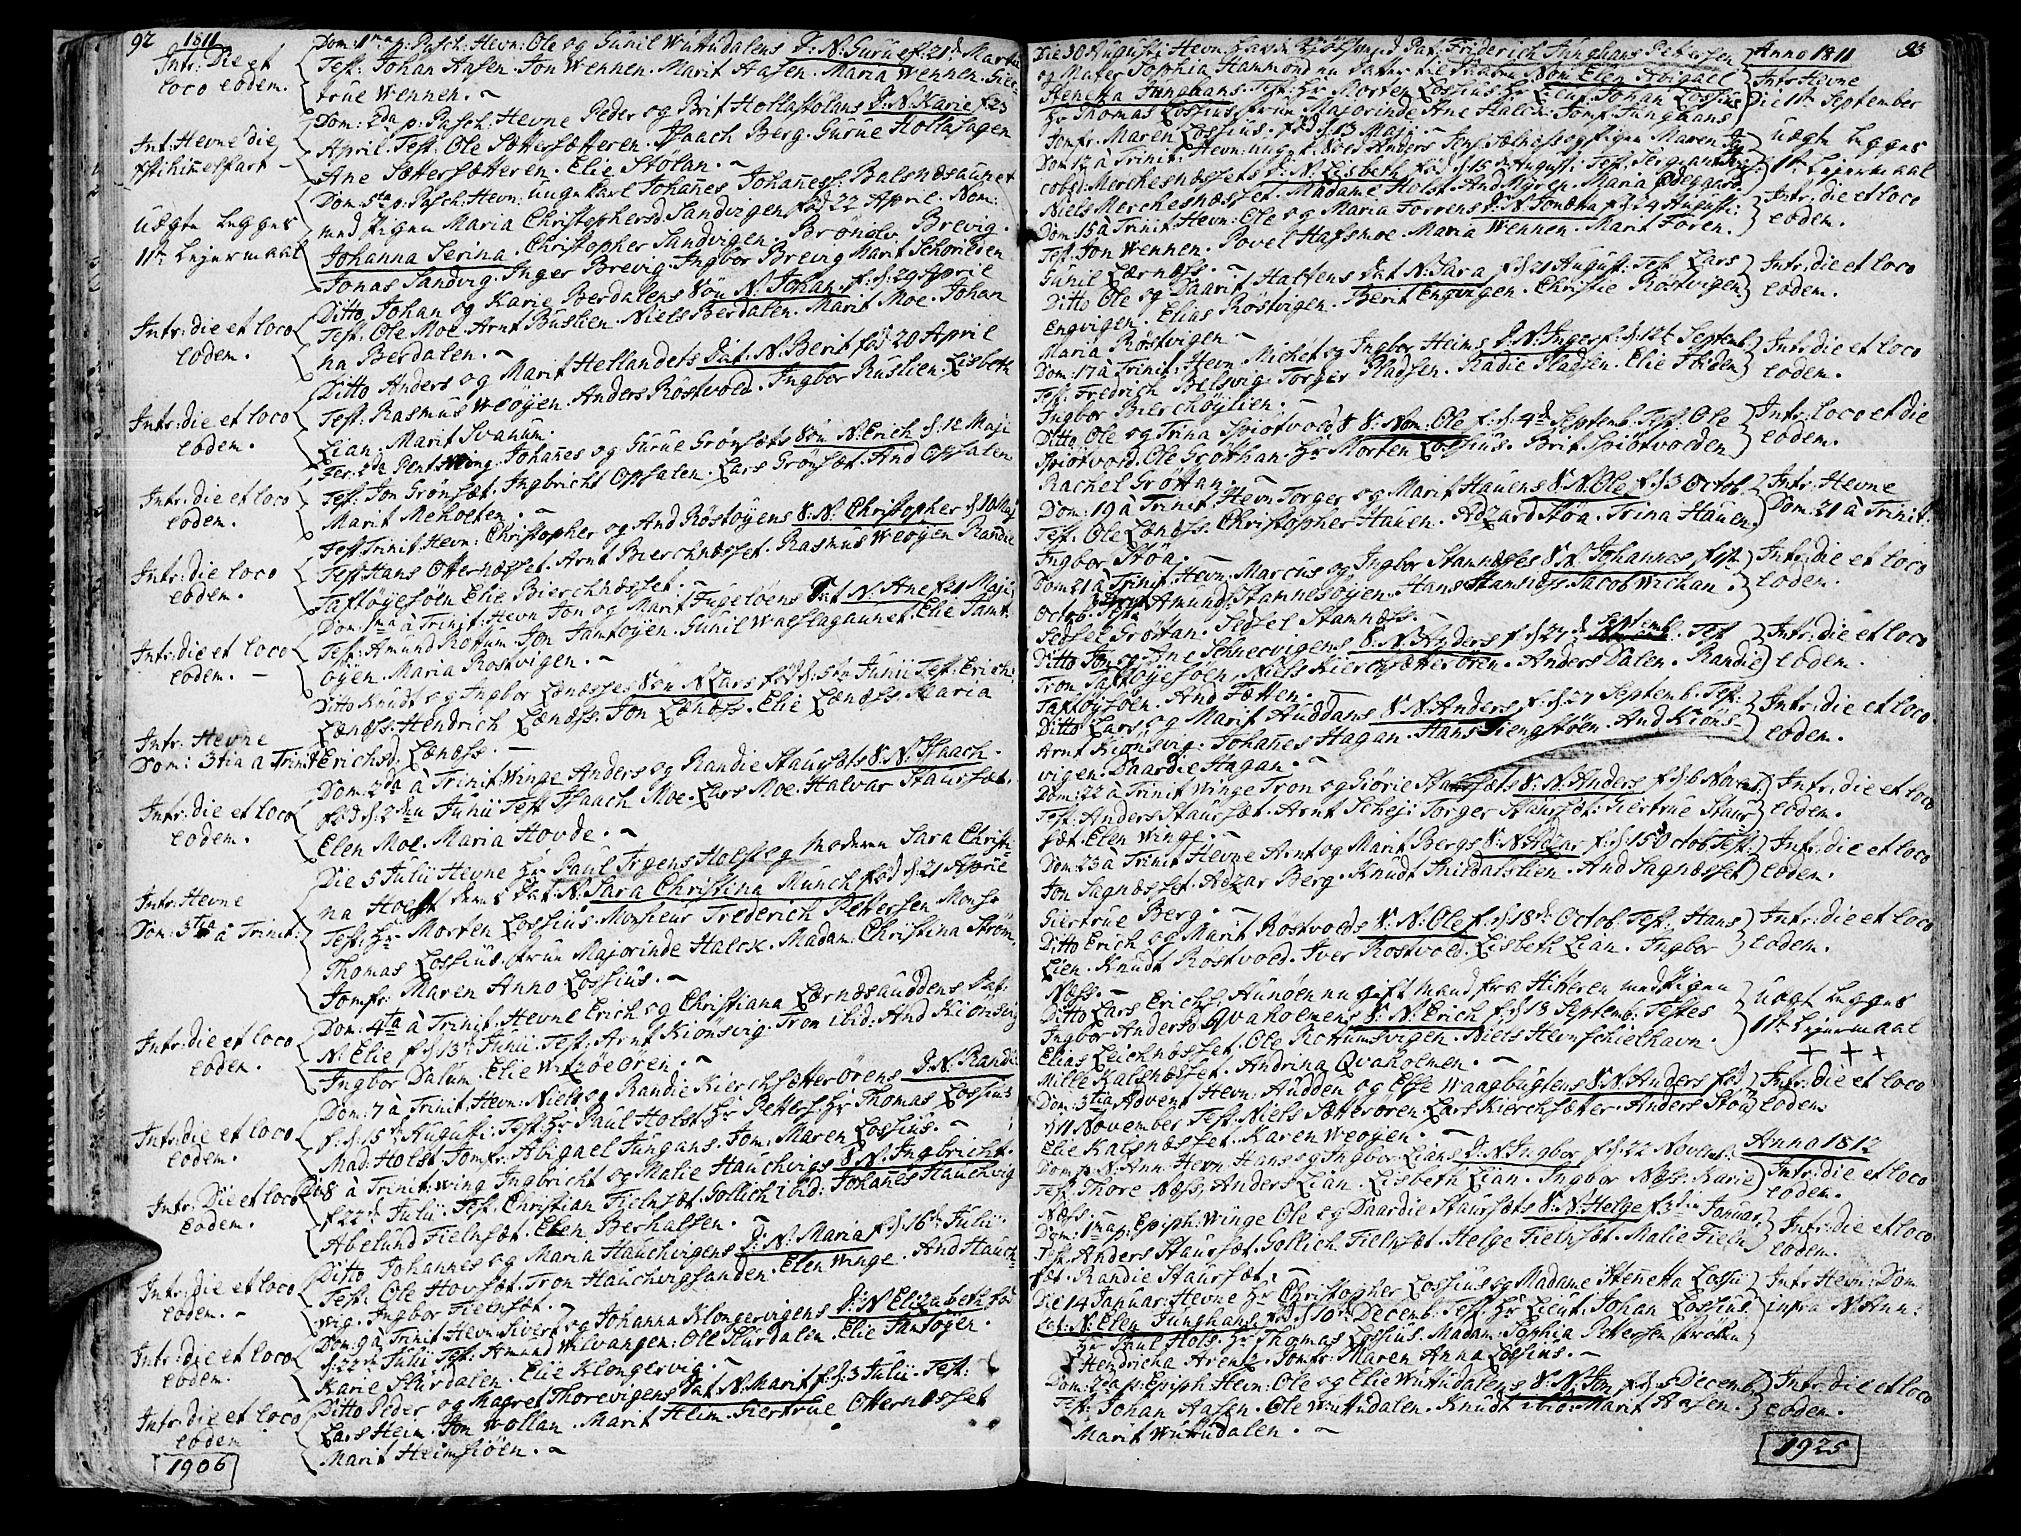 SAT, Ministerialprotokoller, klokkerbøker og fødselsregistre - Sør-Trøndelag, 630/L0490: Ministerialbok nr. 630A03, 1795-1818, s. 92-93